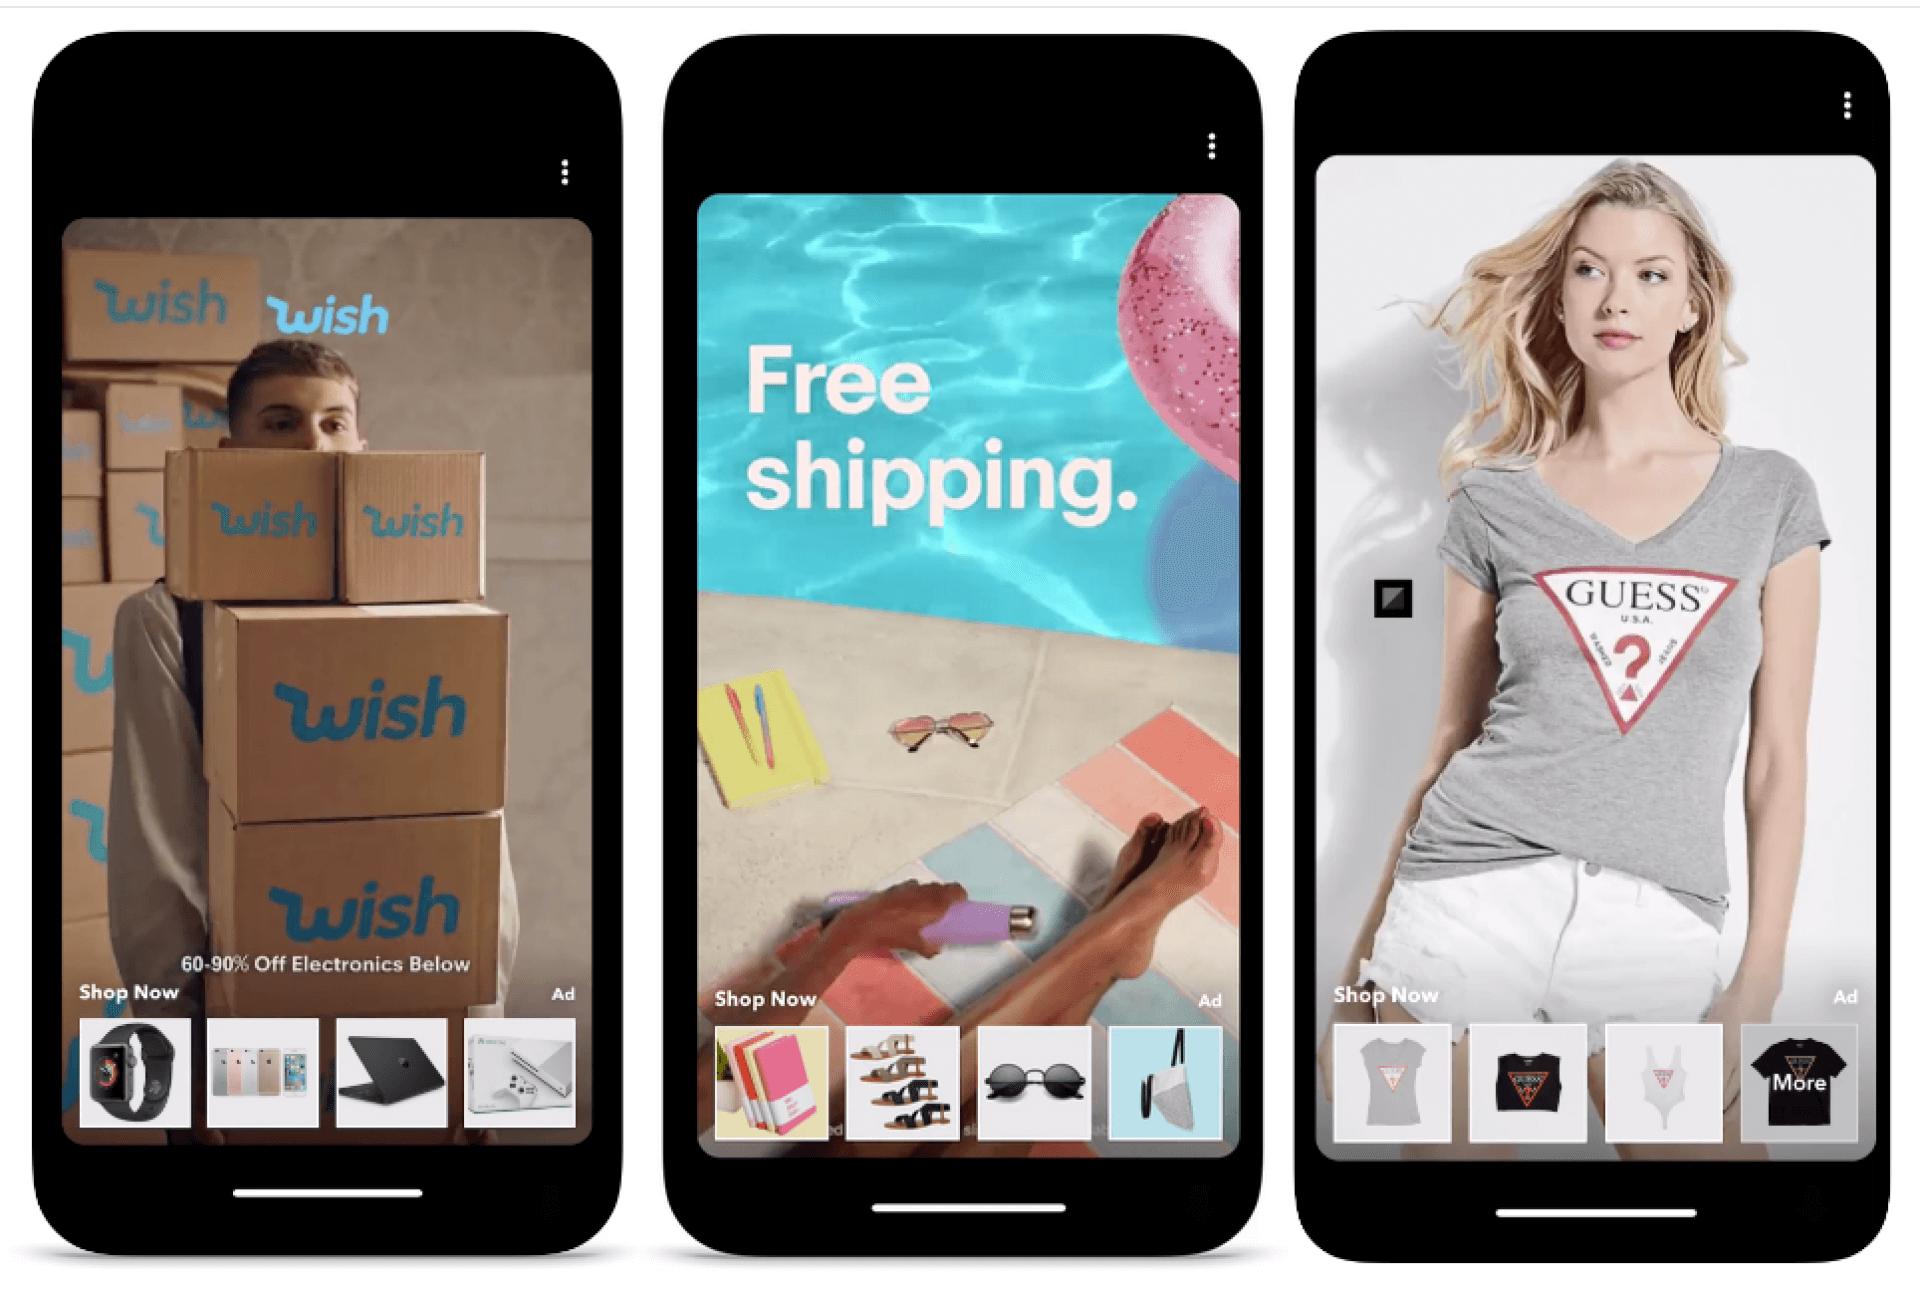 publicités de collection Snapchat